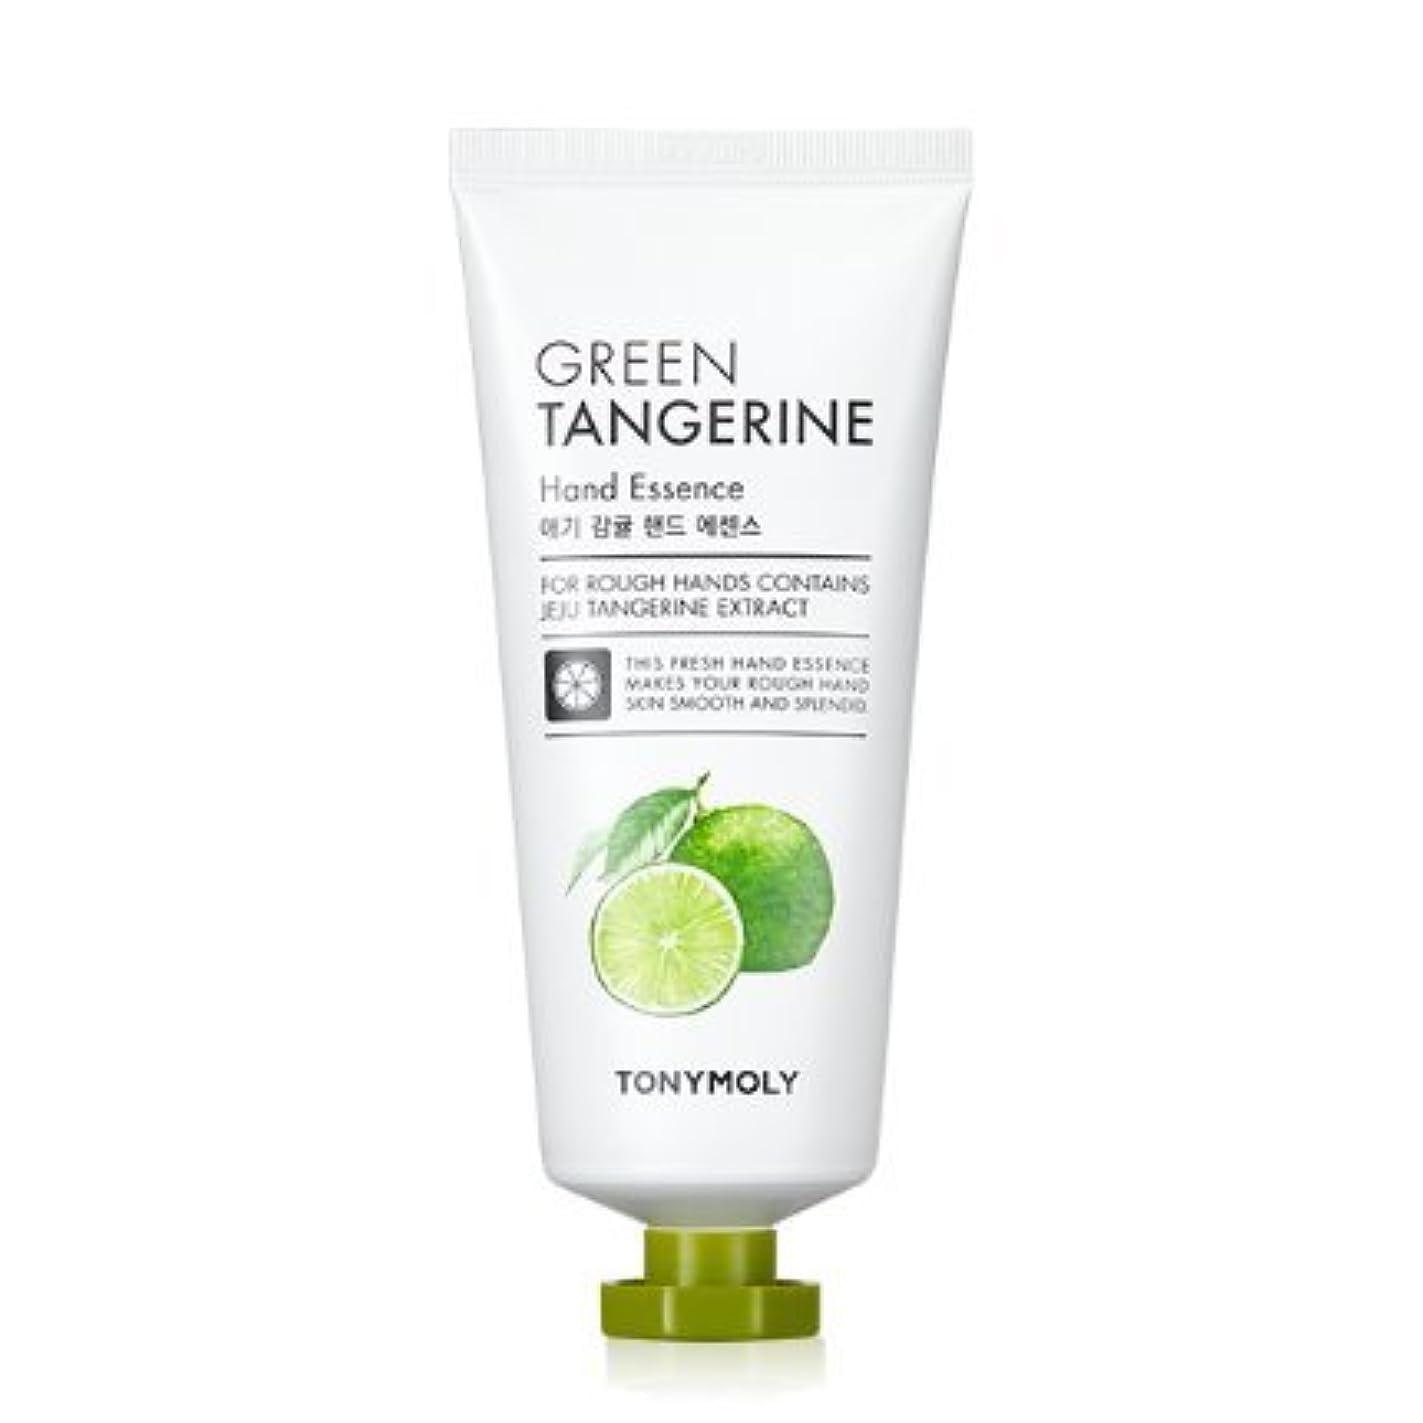 に賛成宗教的な開始[Renewal] TONYMOLY Green Tangerine Hand Essence/トニーモリー 青みかん ハンド エッセンス 80g [並行輸入品]